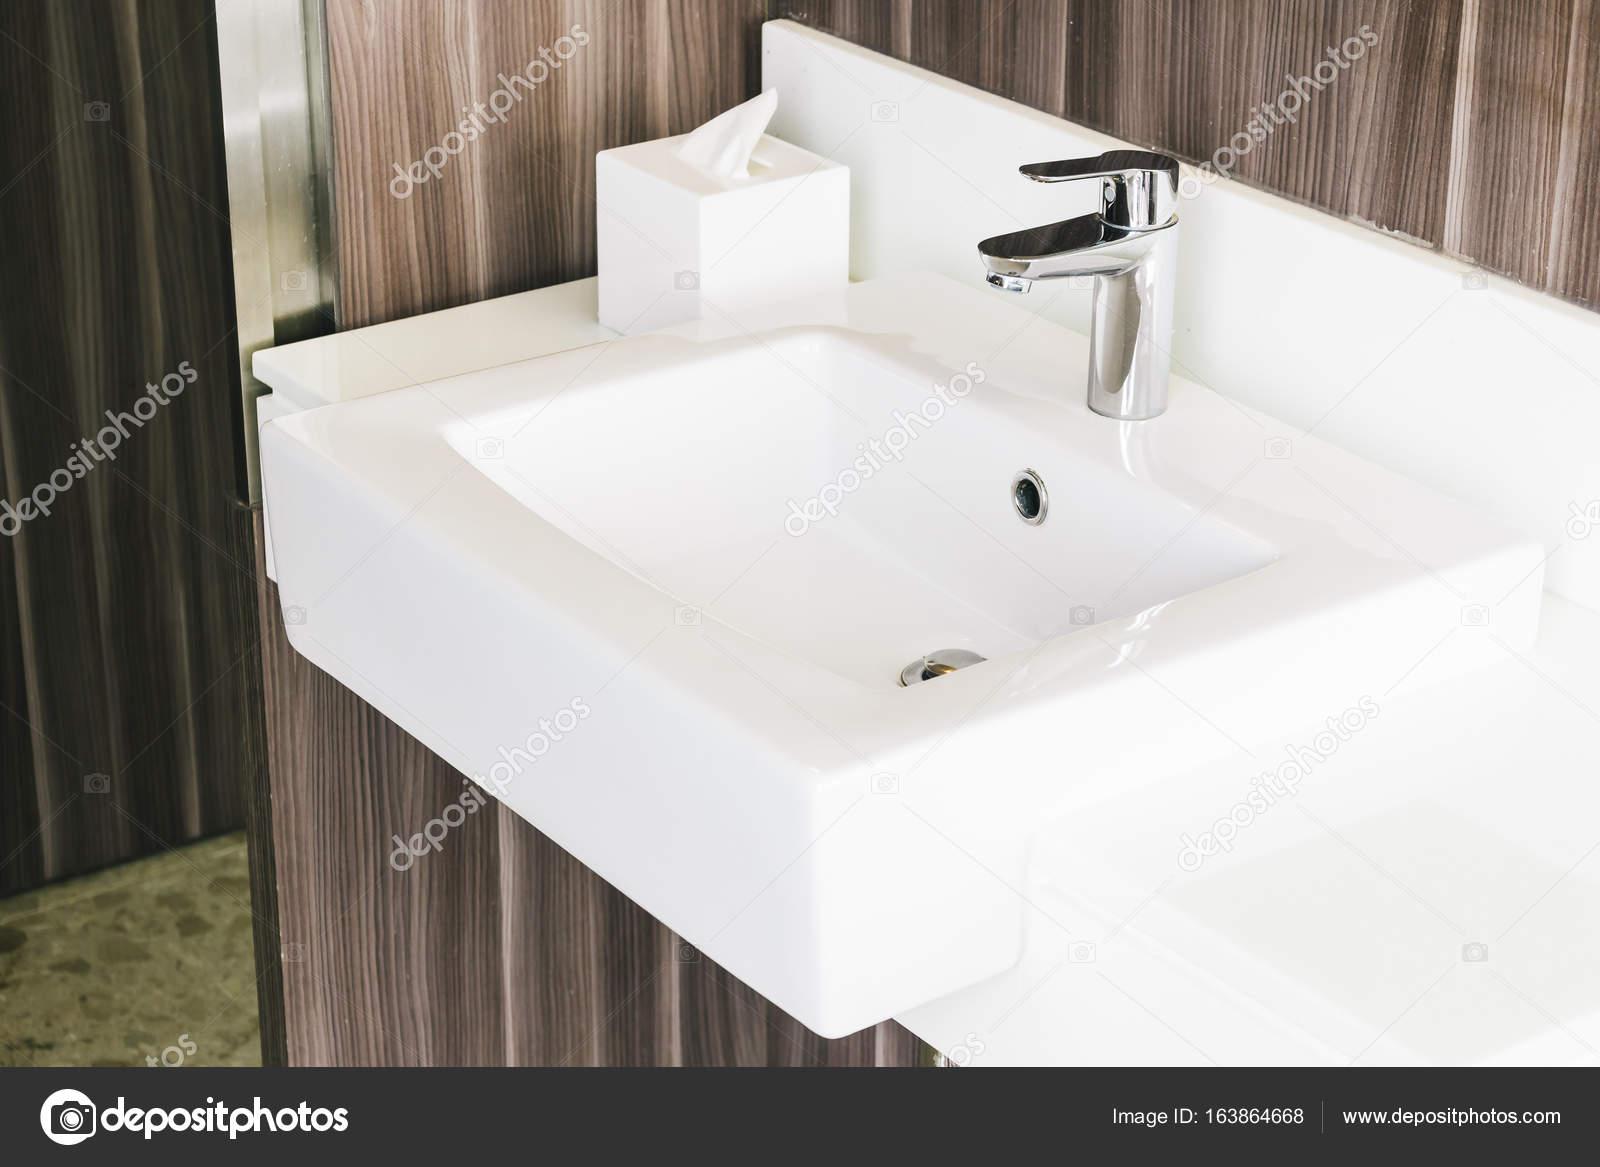 Évier moderne blanc et robinet de salle de bain — Photographie ...